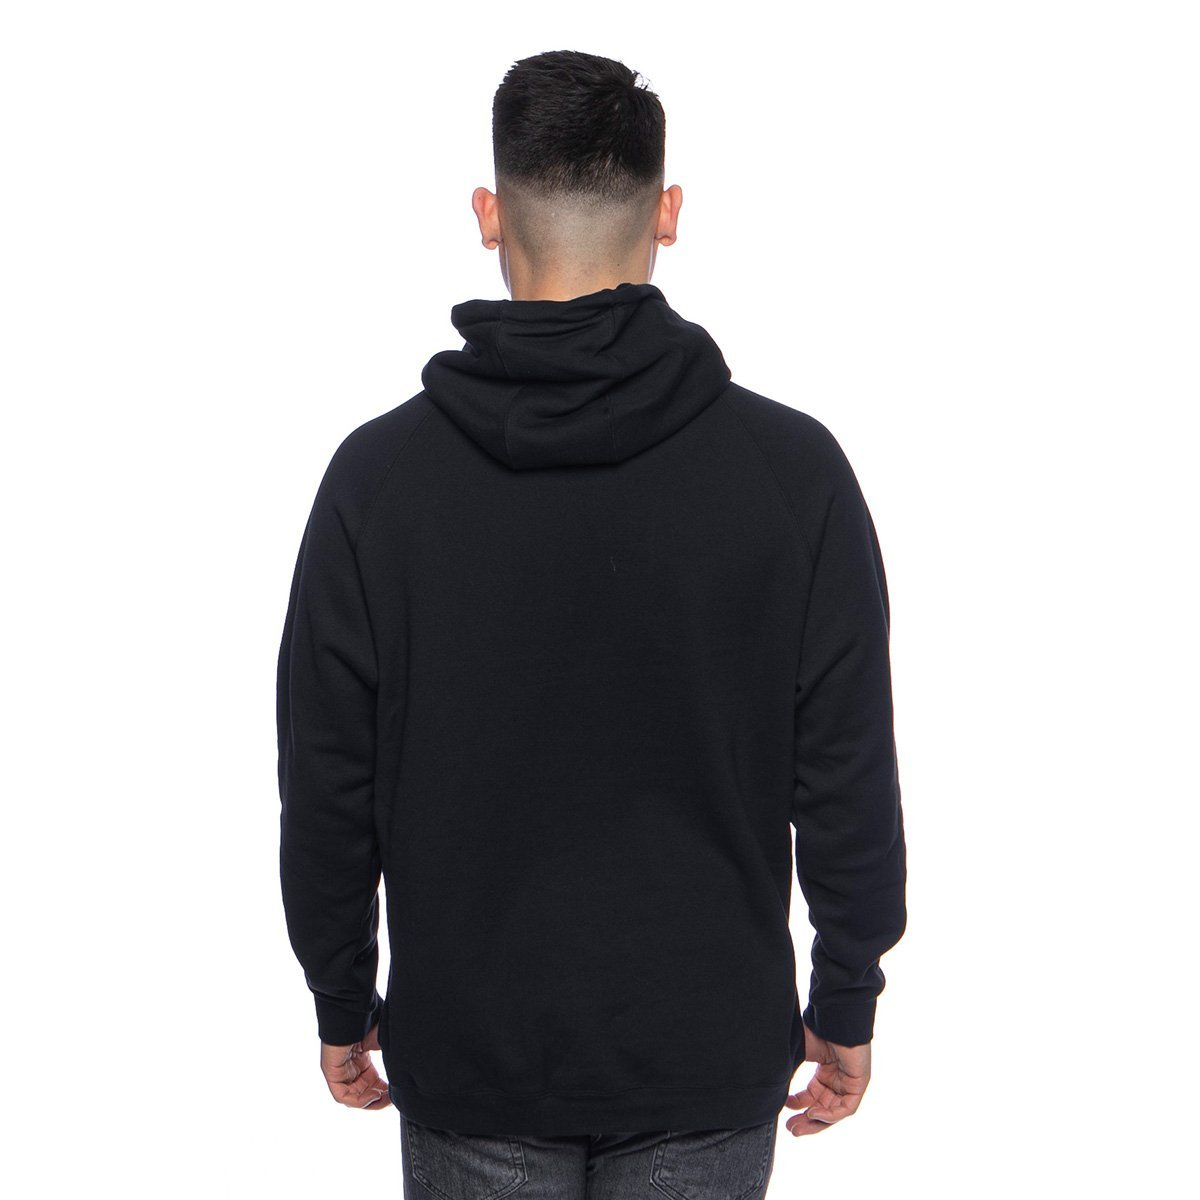 Bluza Adidas Originals ADICLR Premium Hoodie black